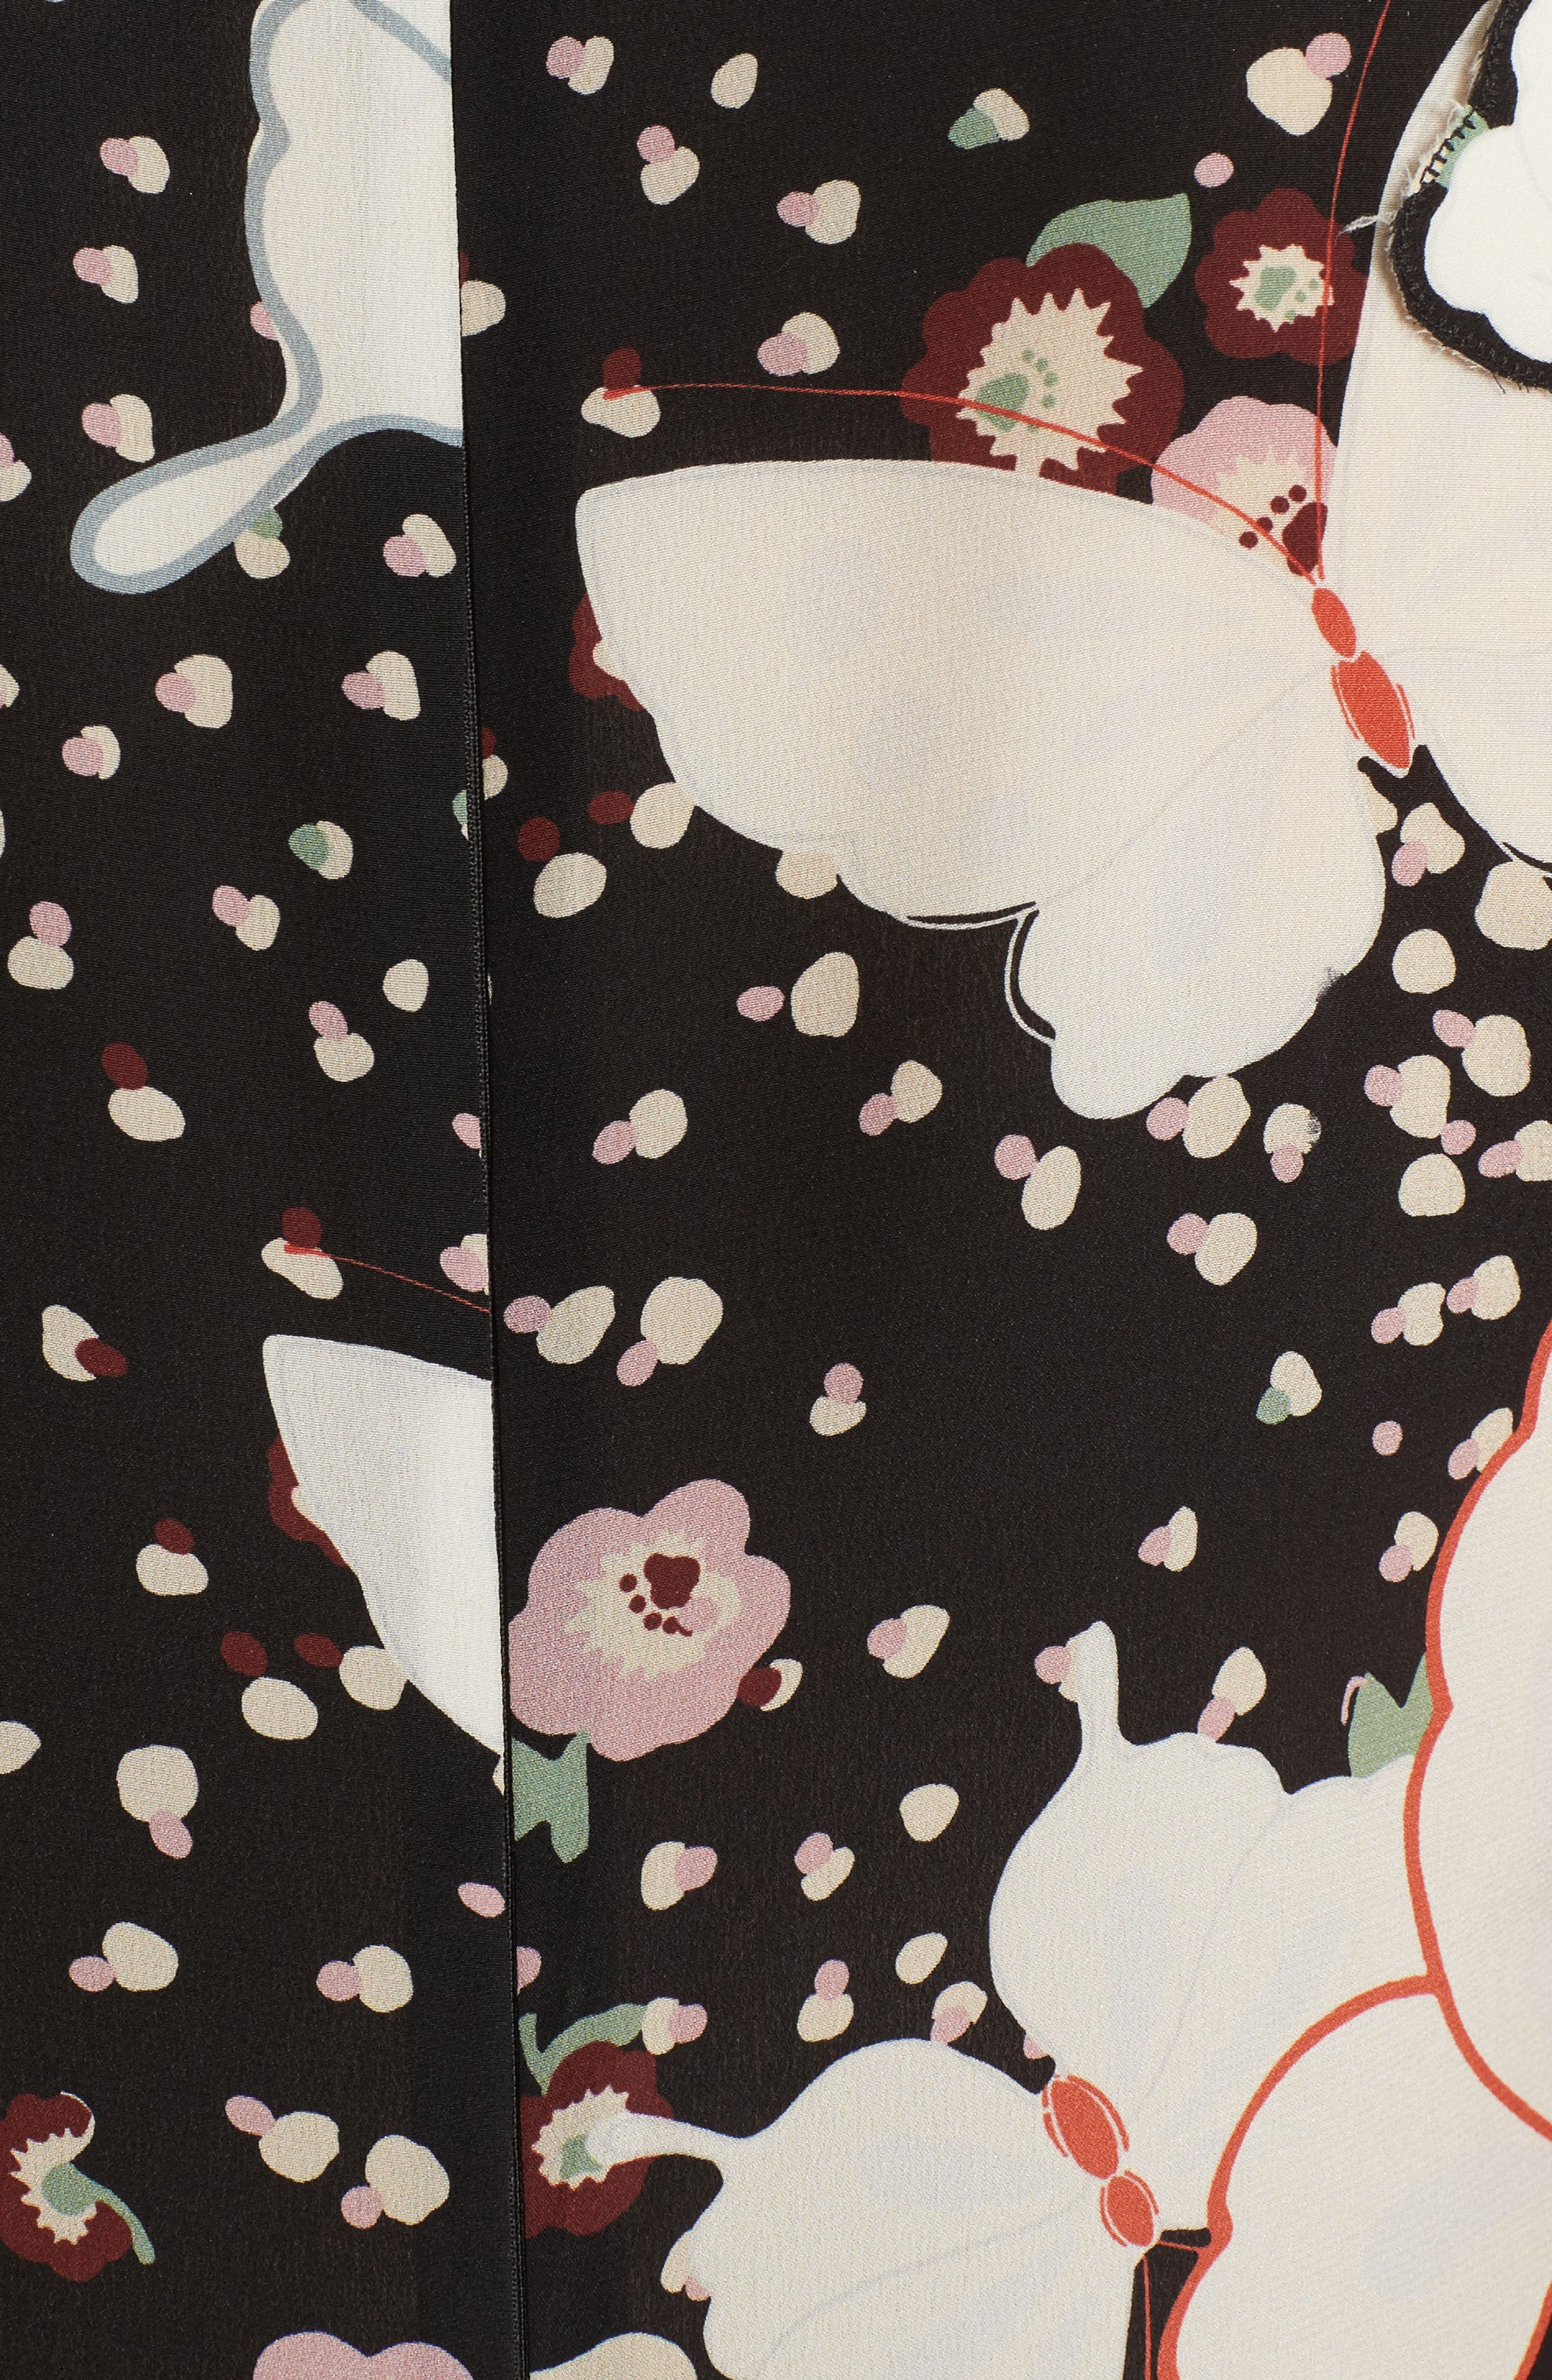 Pop Butterfly Appliqué Silk Crêpe de Chine Dress,                             Alternate thumbnail 5, color,                             001